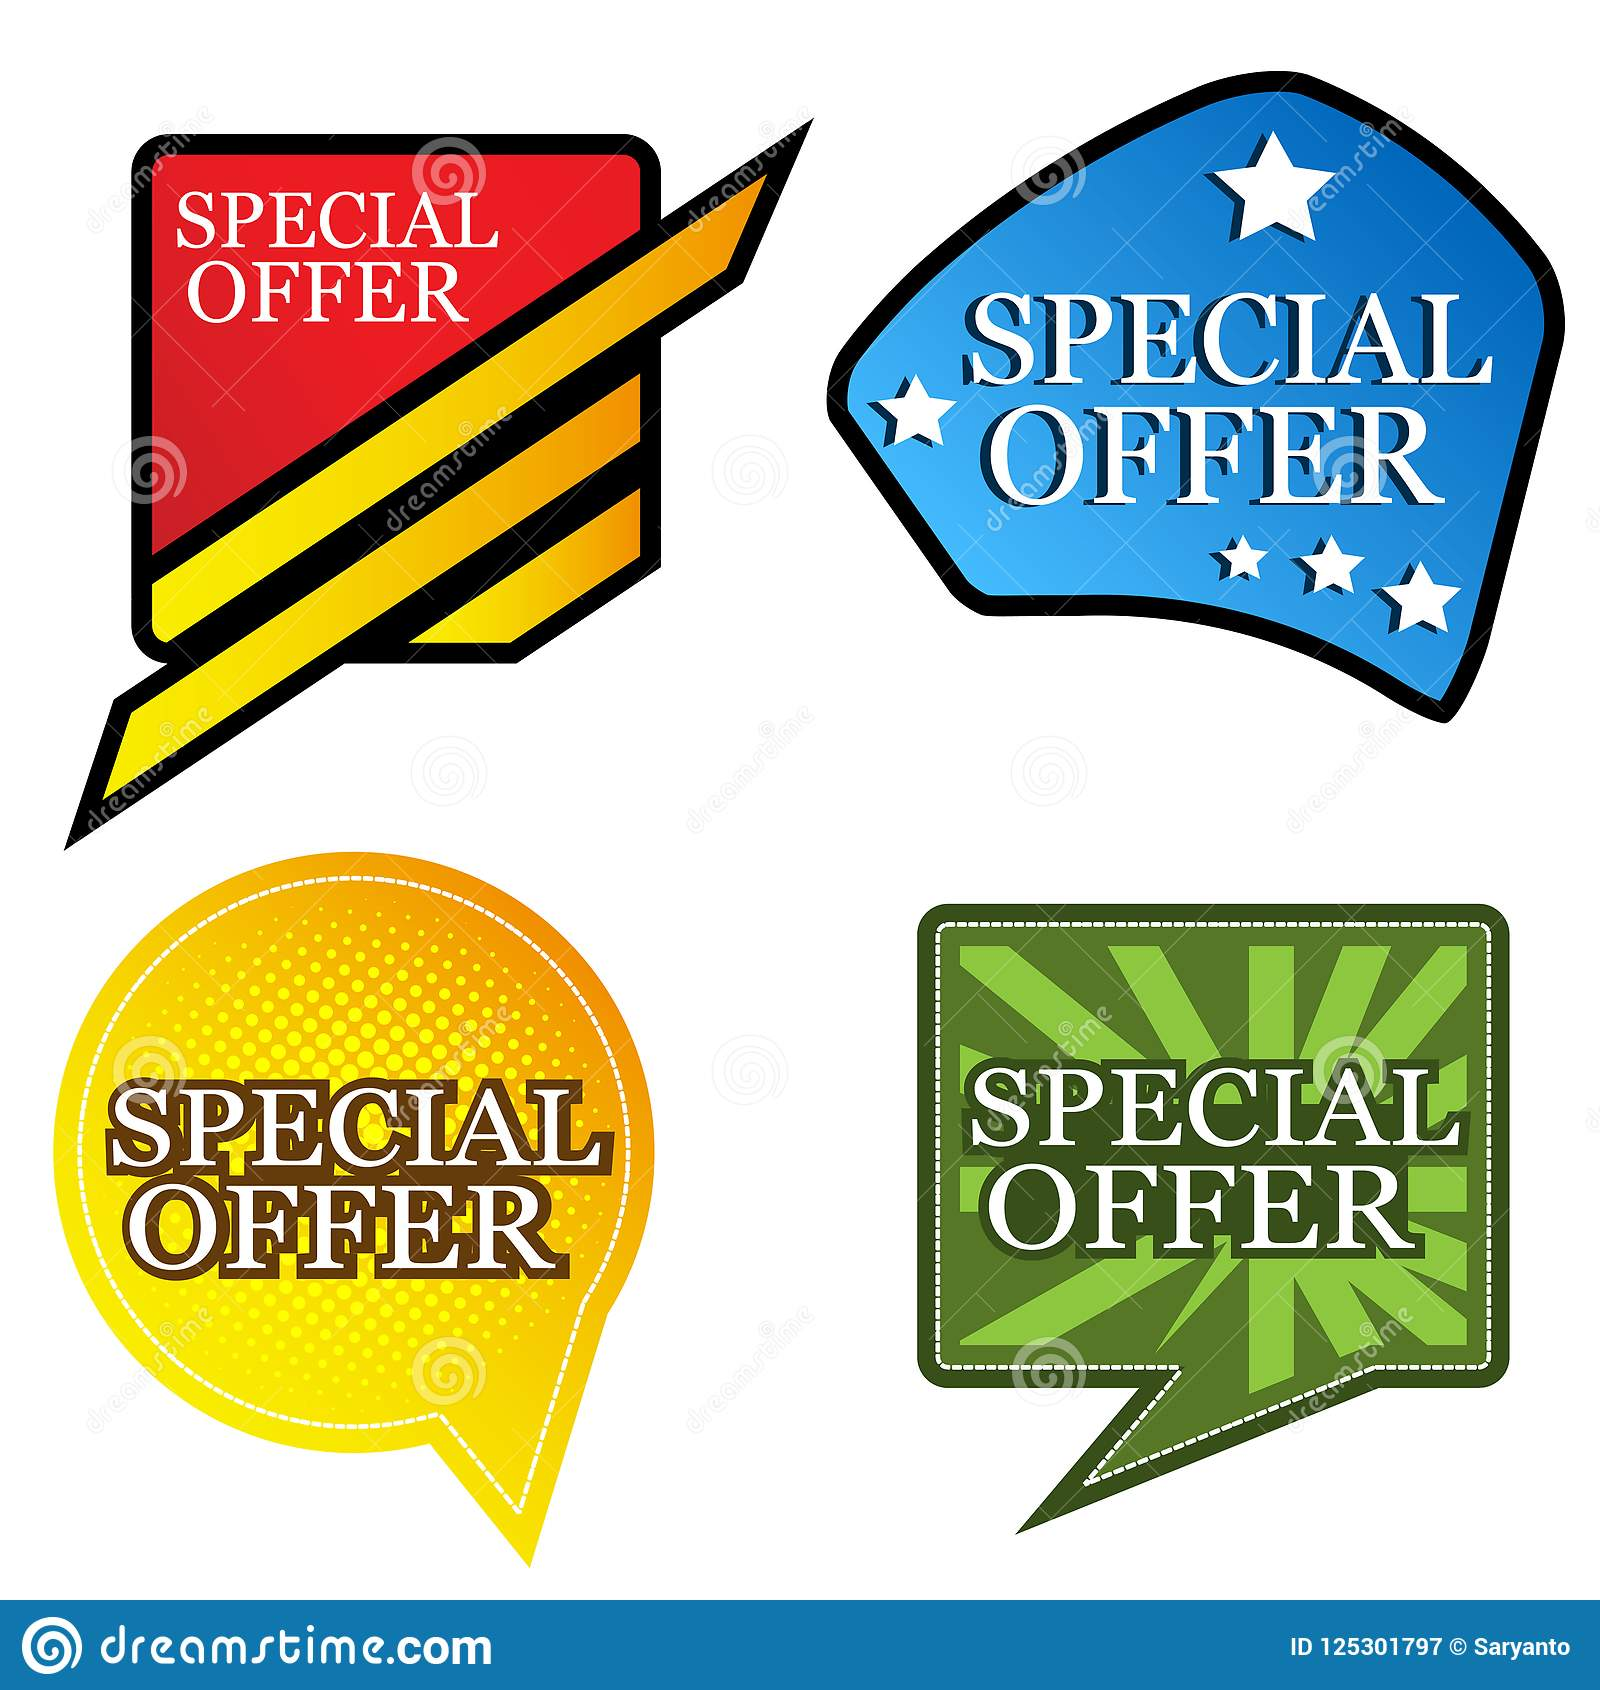 Baner för specialt erbjudande designer för affischer, bakgrunder, kort, baner, klistermärkear, etc.